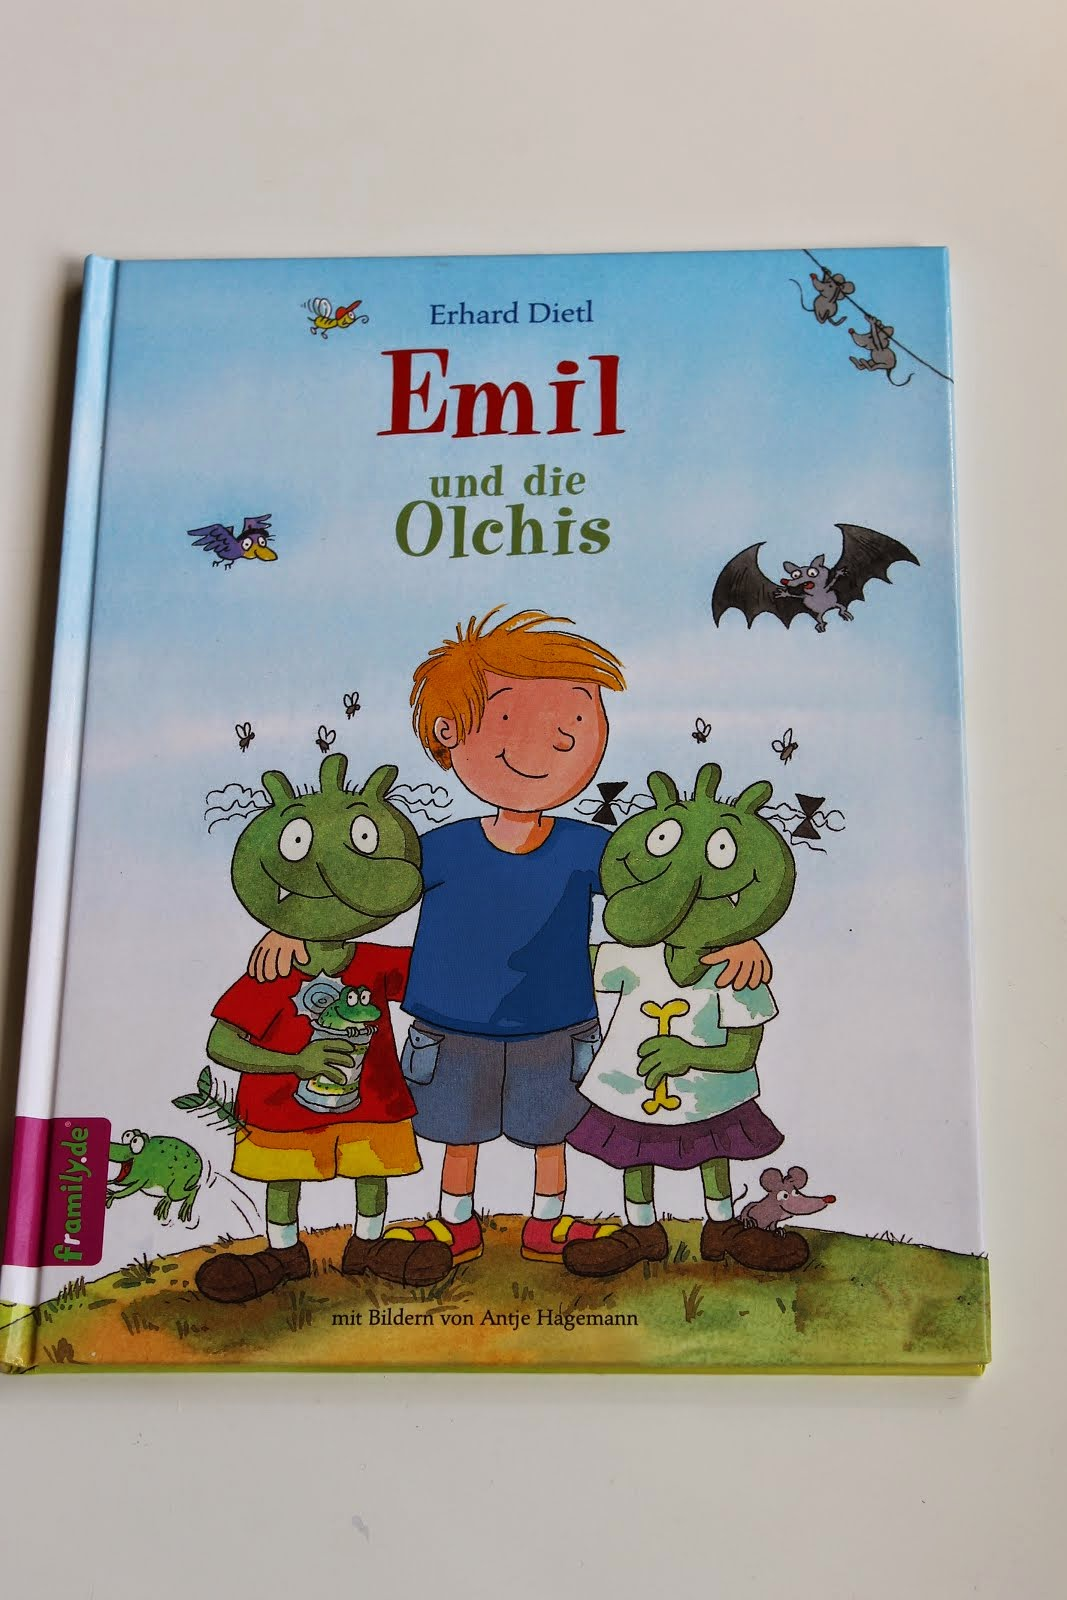 Personalisiertes Kinderbuch zu gewinnen